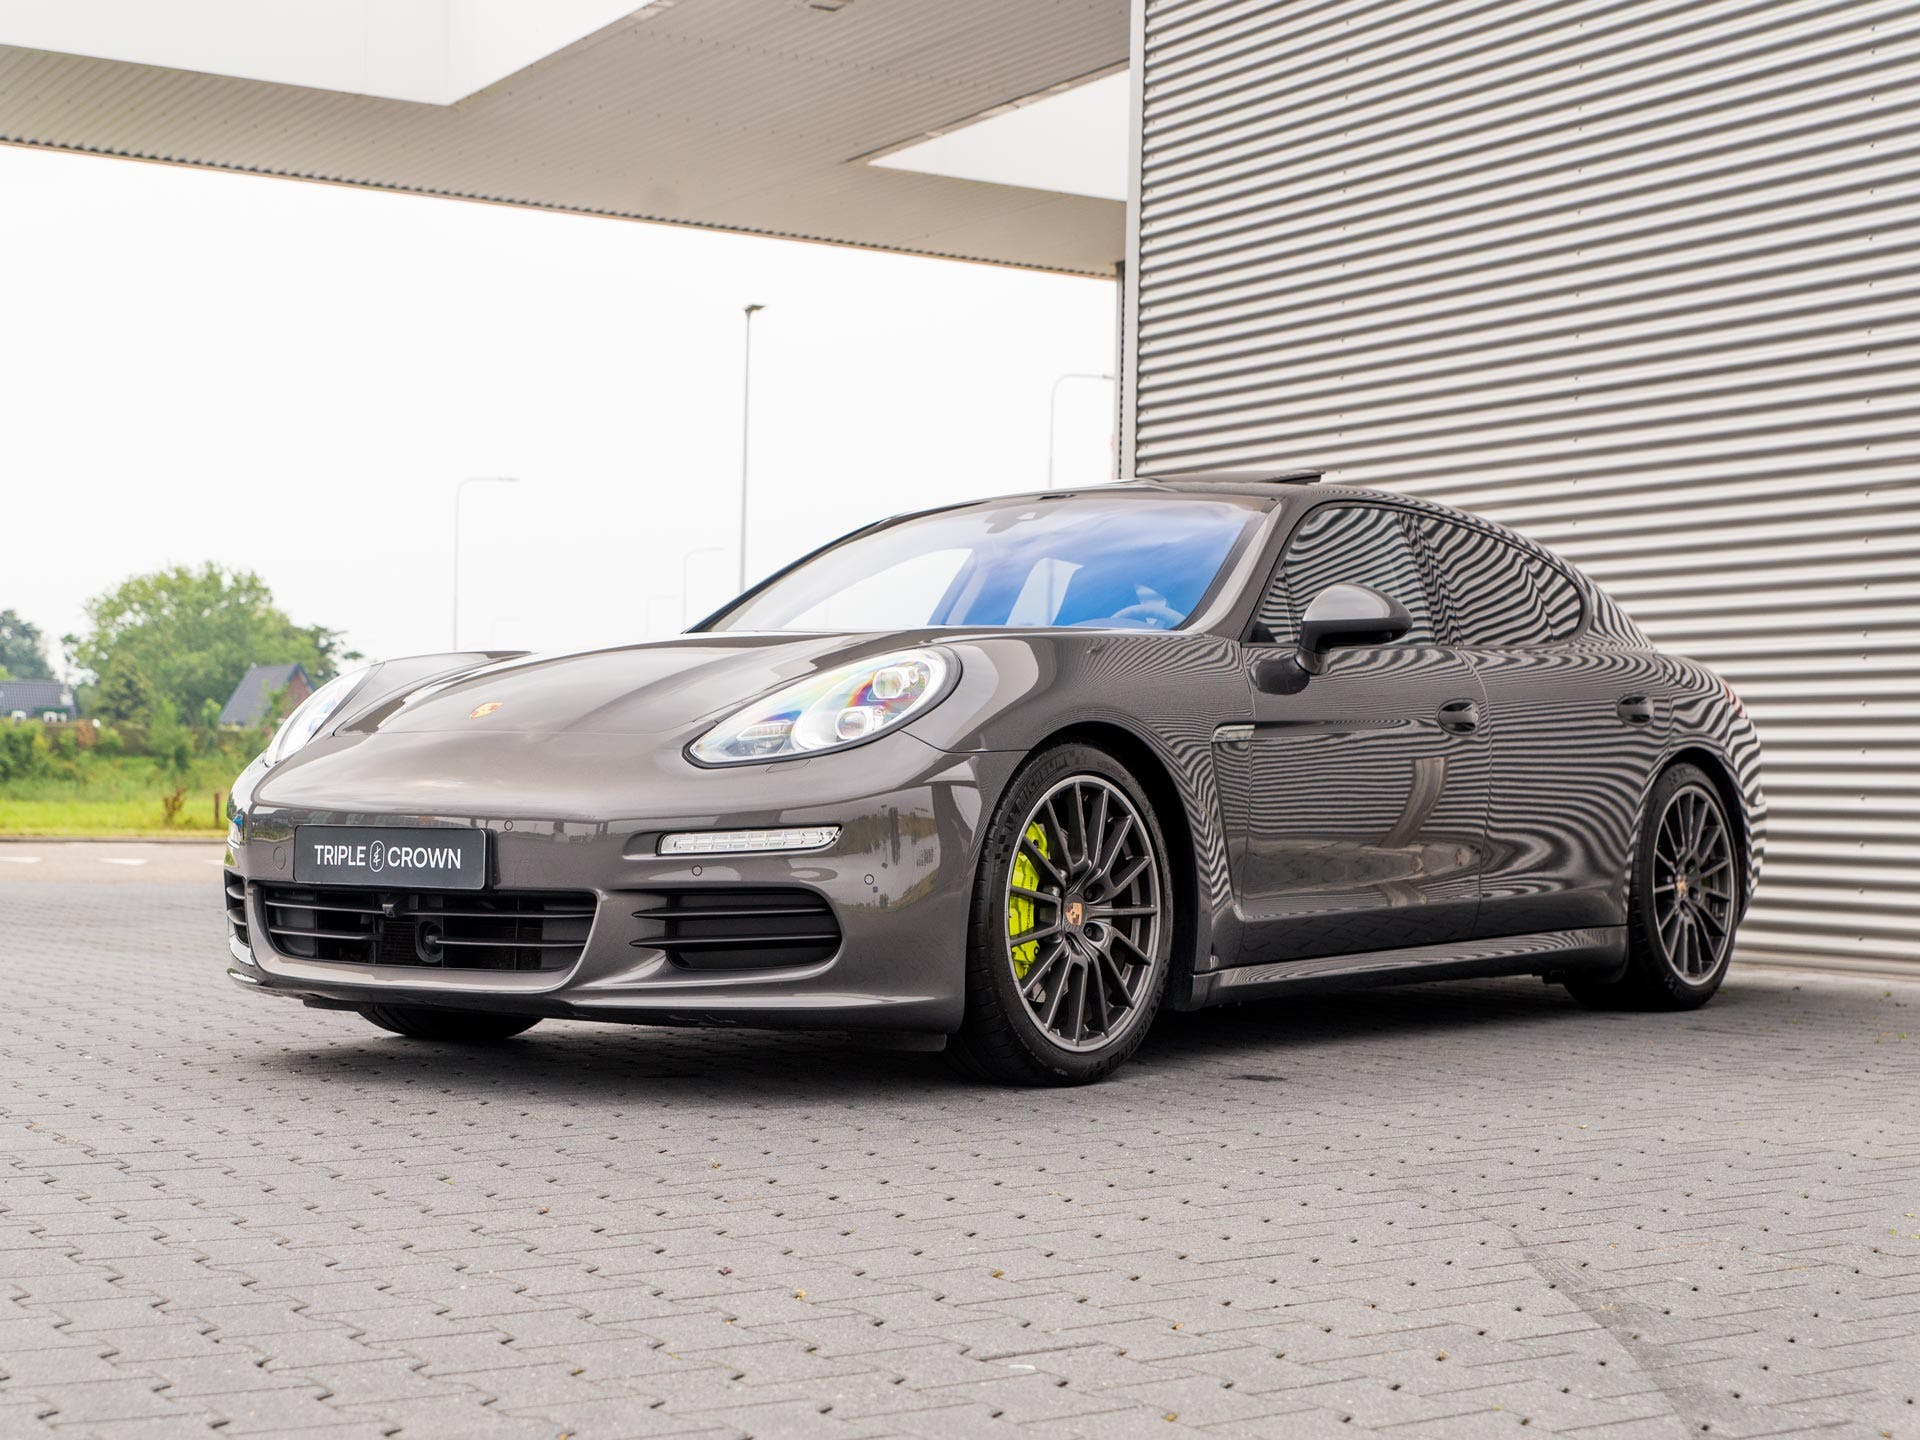 Tweedehands Porsche Panamera 3.0 S E-Hybrid occasion